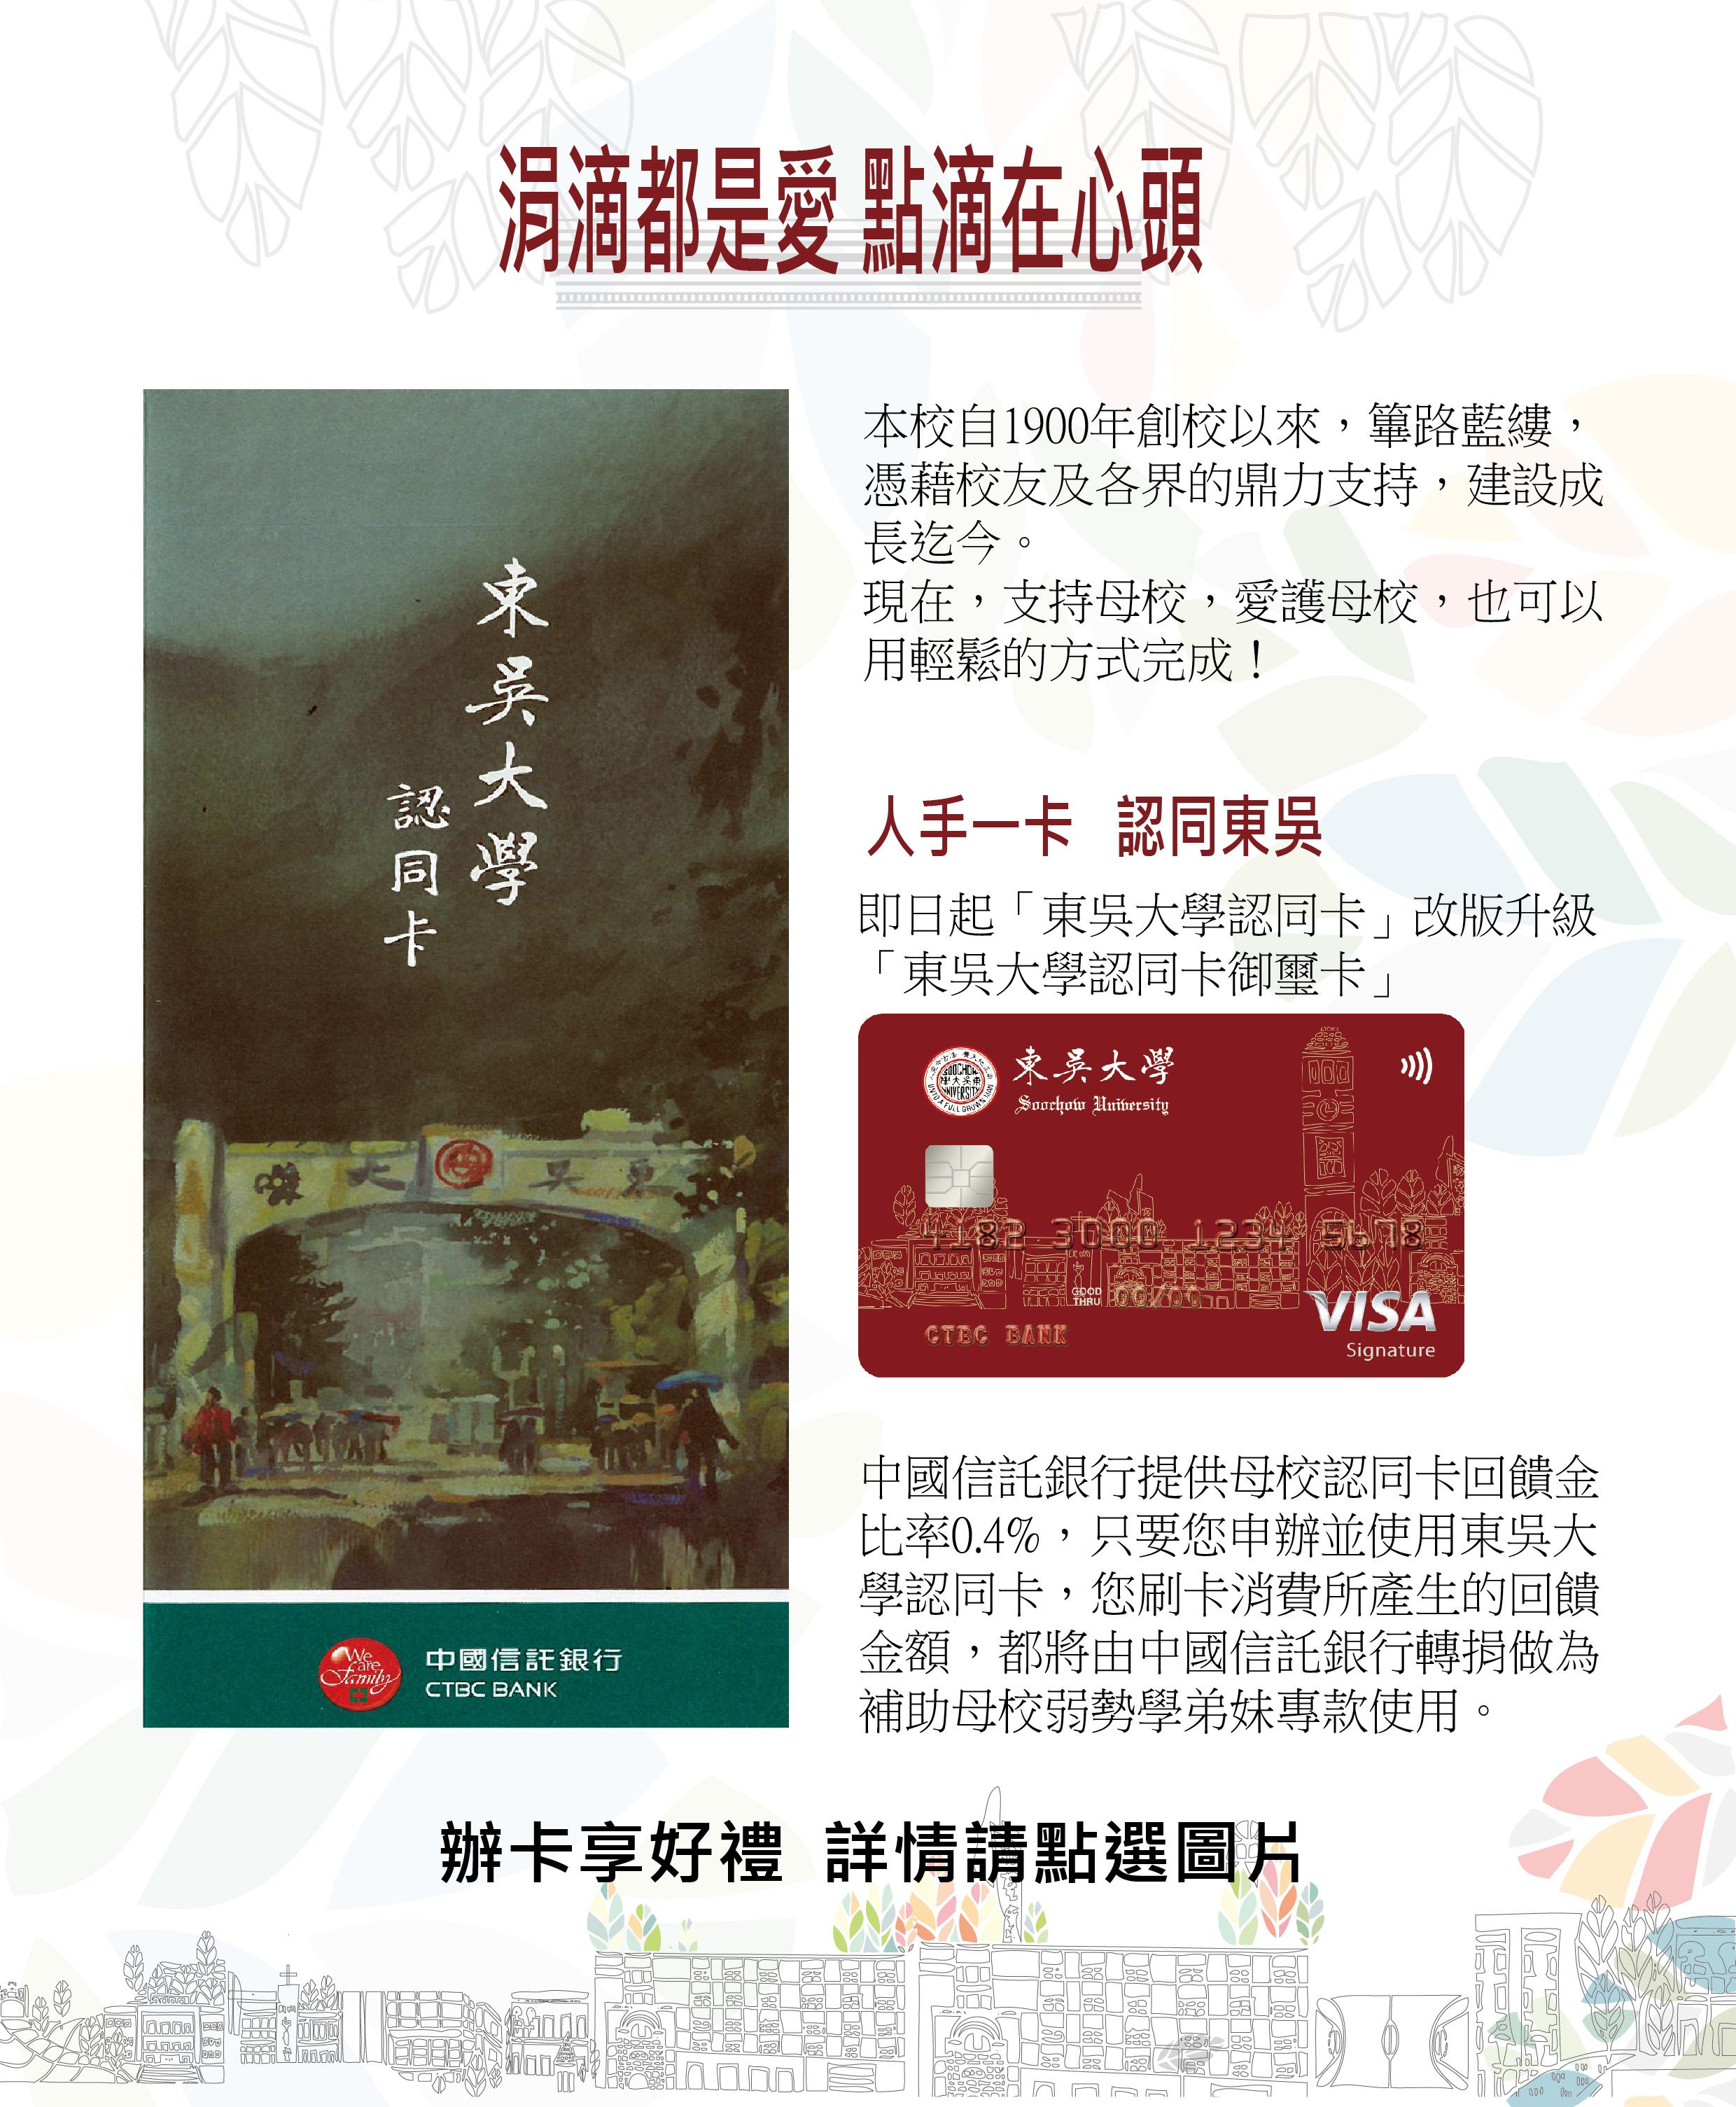 東吳大學認同卡御璽卡